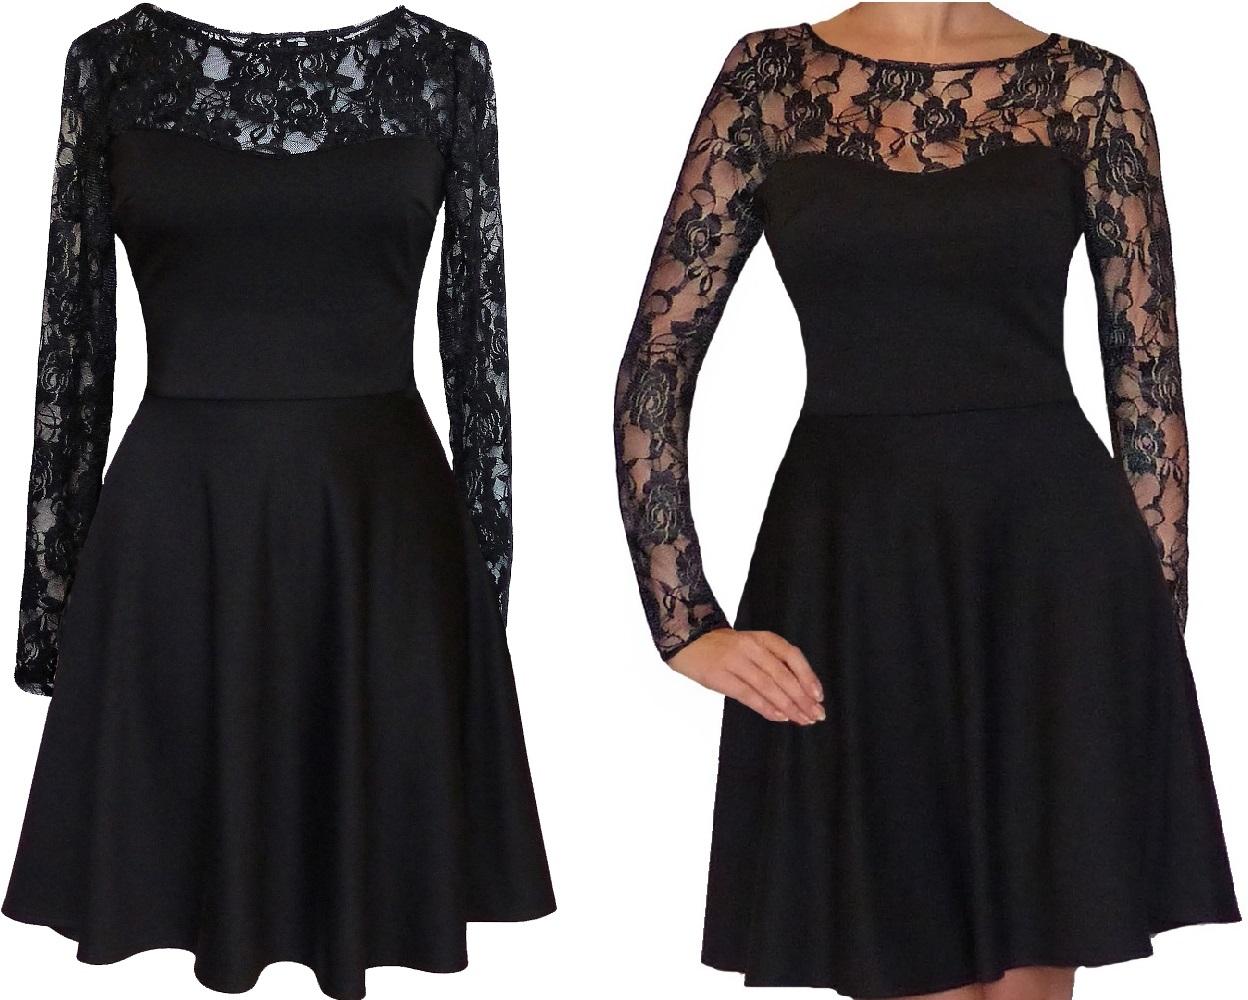 R czarna Rozkloszowana sukienka Koronka 38 Szyjemy